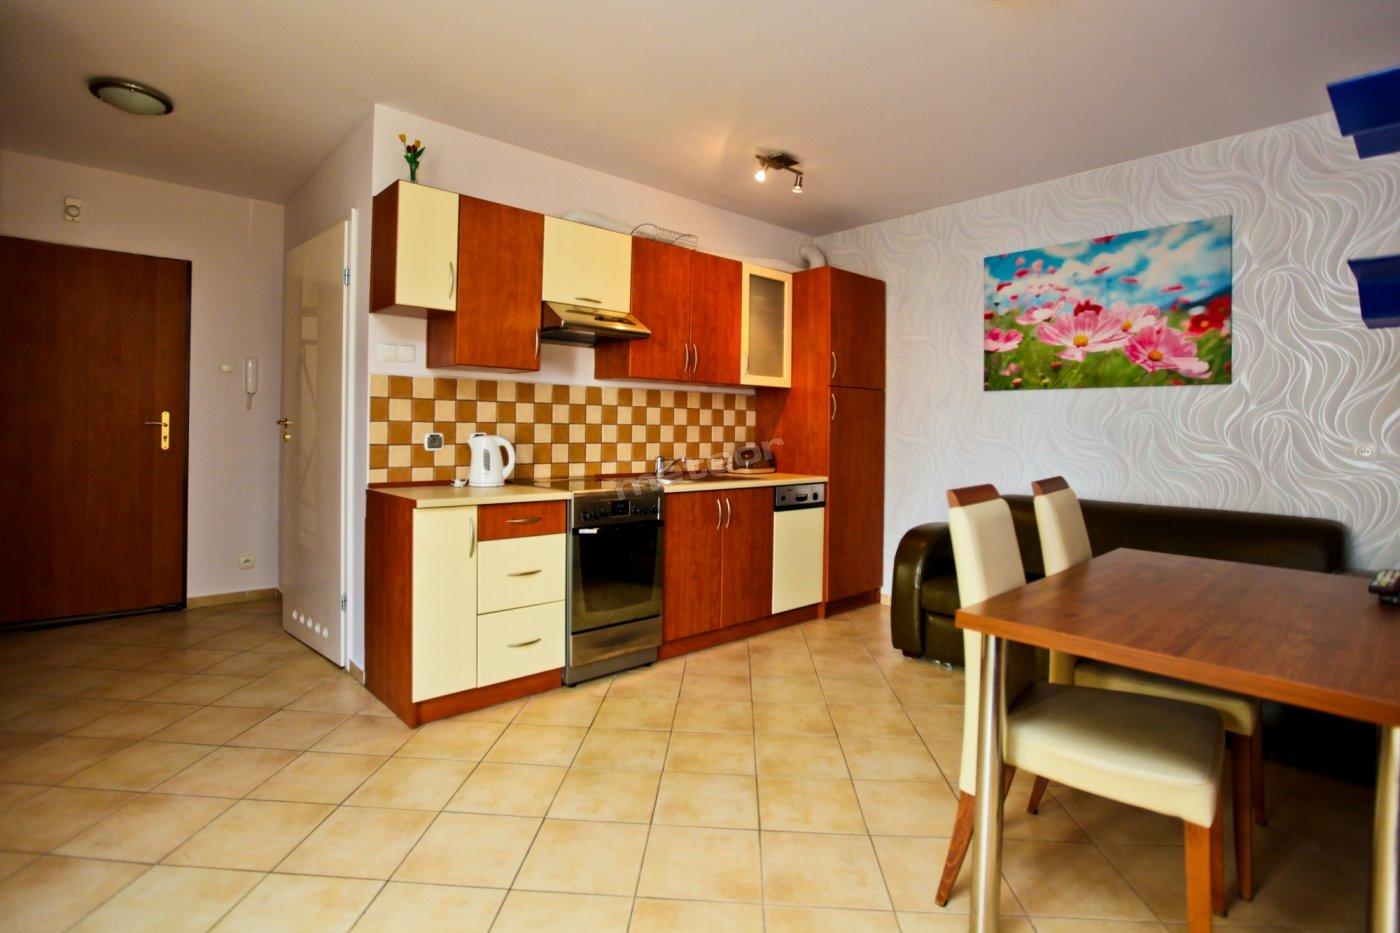 Aneks kuchenny i jadalnia w jednym z naszych apartamentów w kompleksie Baltic Park Promenada